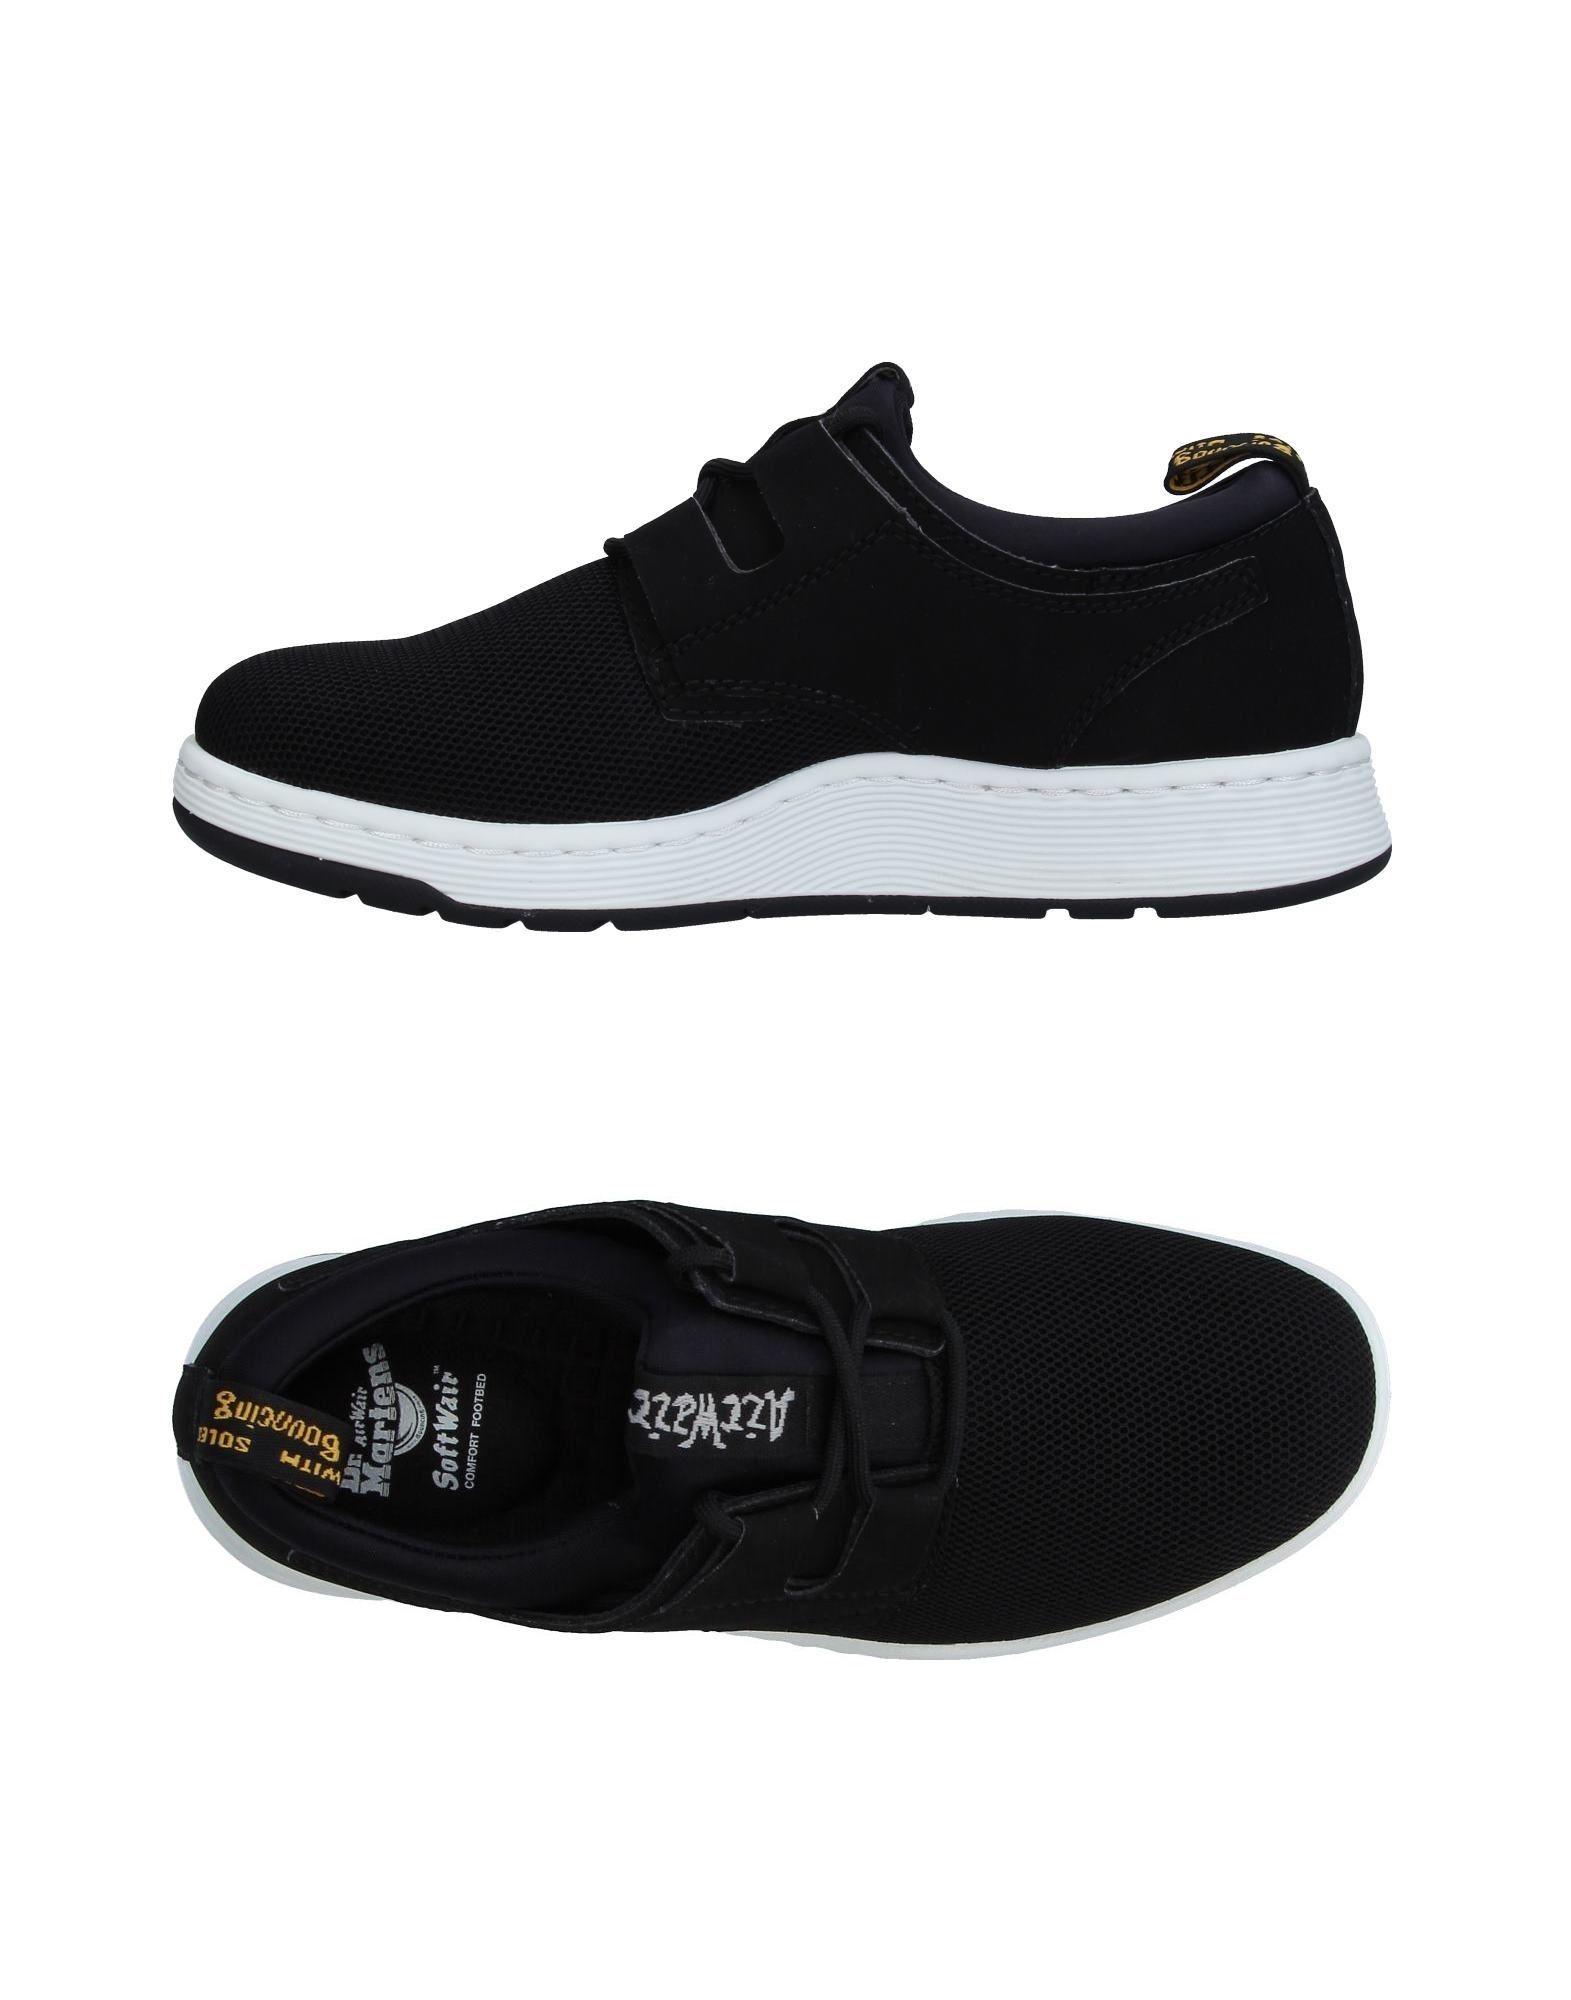 Dr. Martens Sneakers Damen  11342554VX Gute Qualität beliebte Schuhe